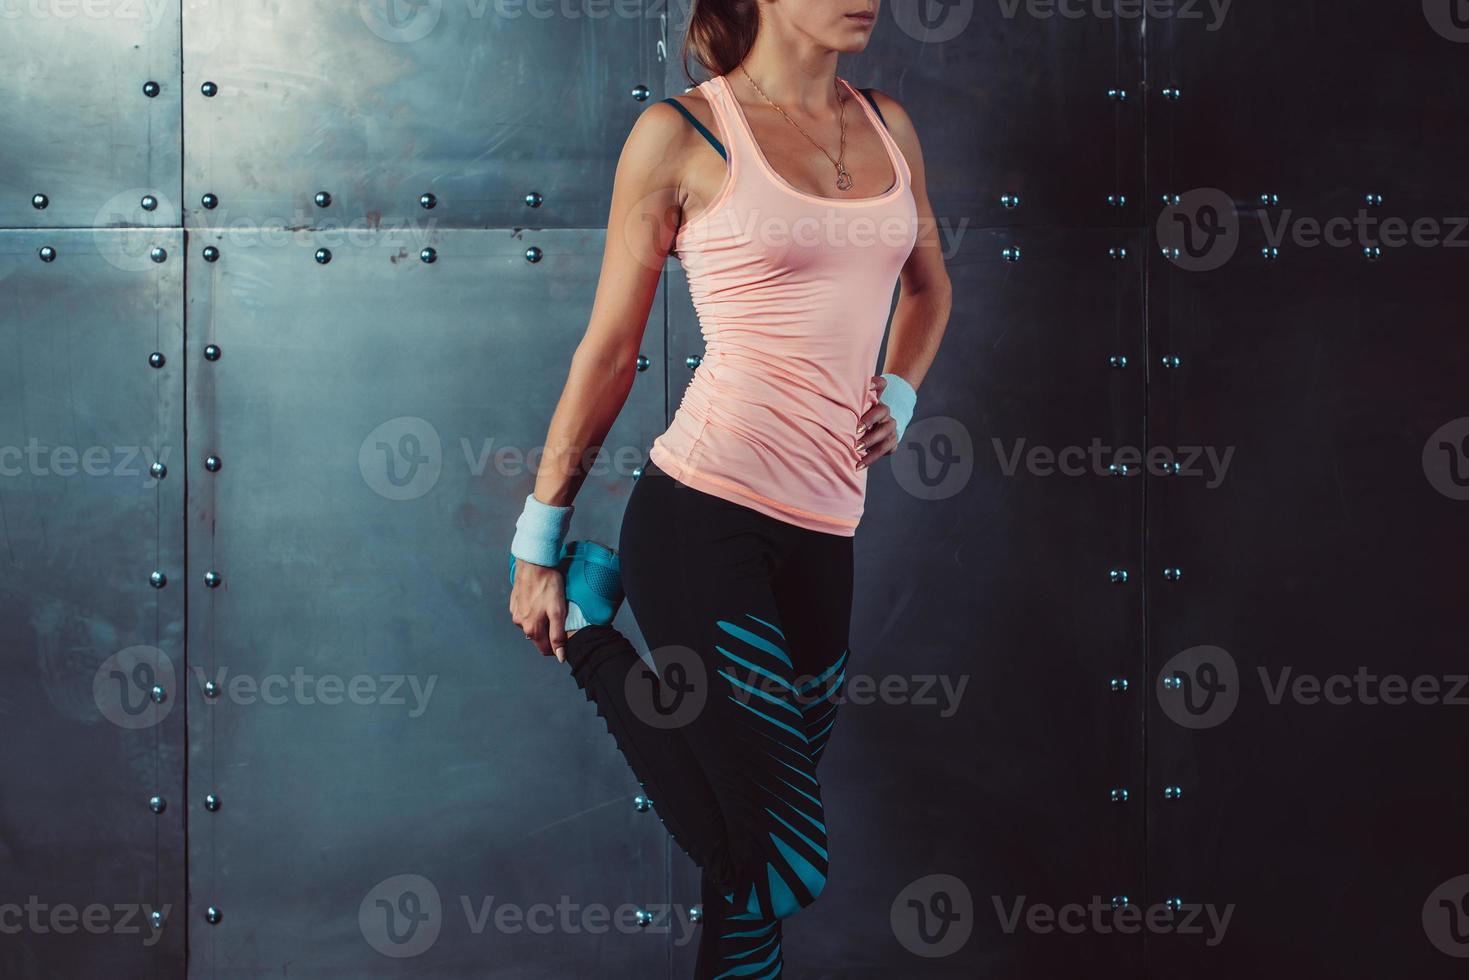 Fitness-Frau streckt ihre Beine fit weibliche Läuferin macht Strecken foto